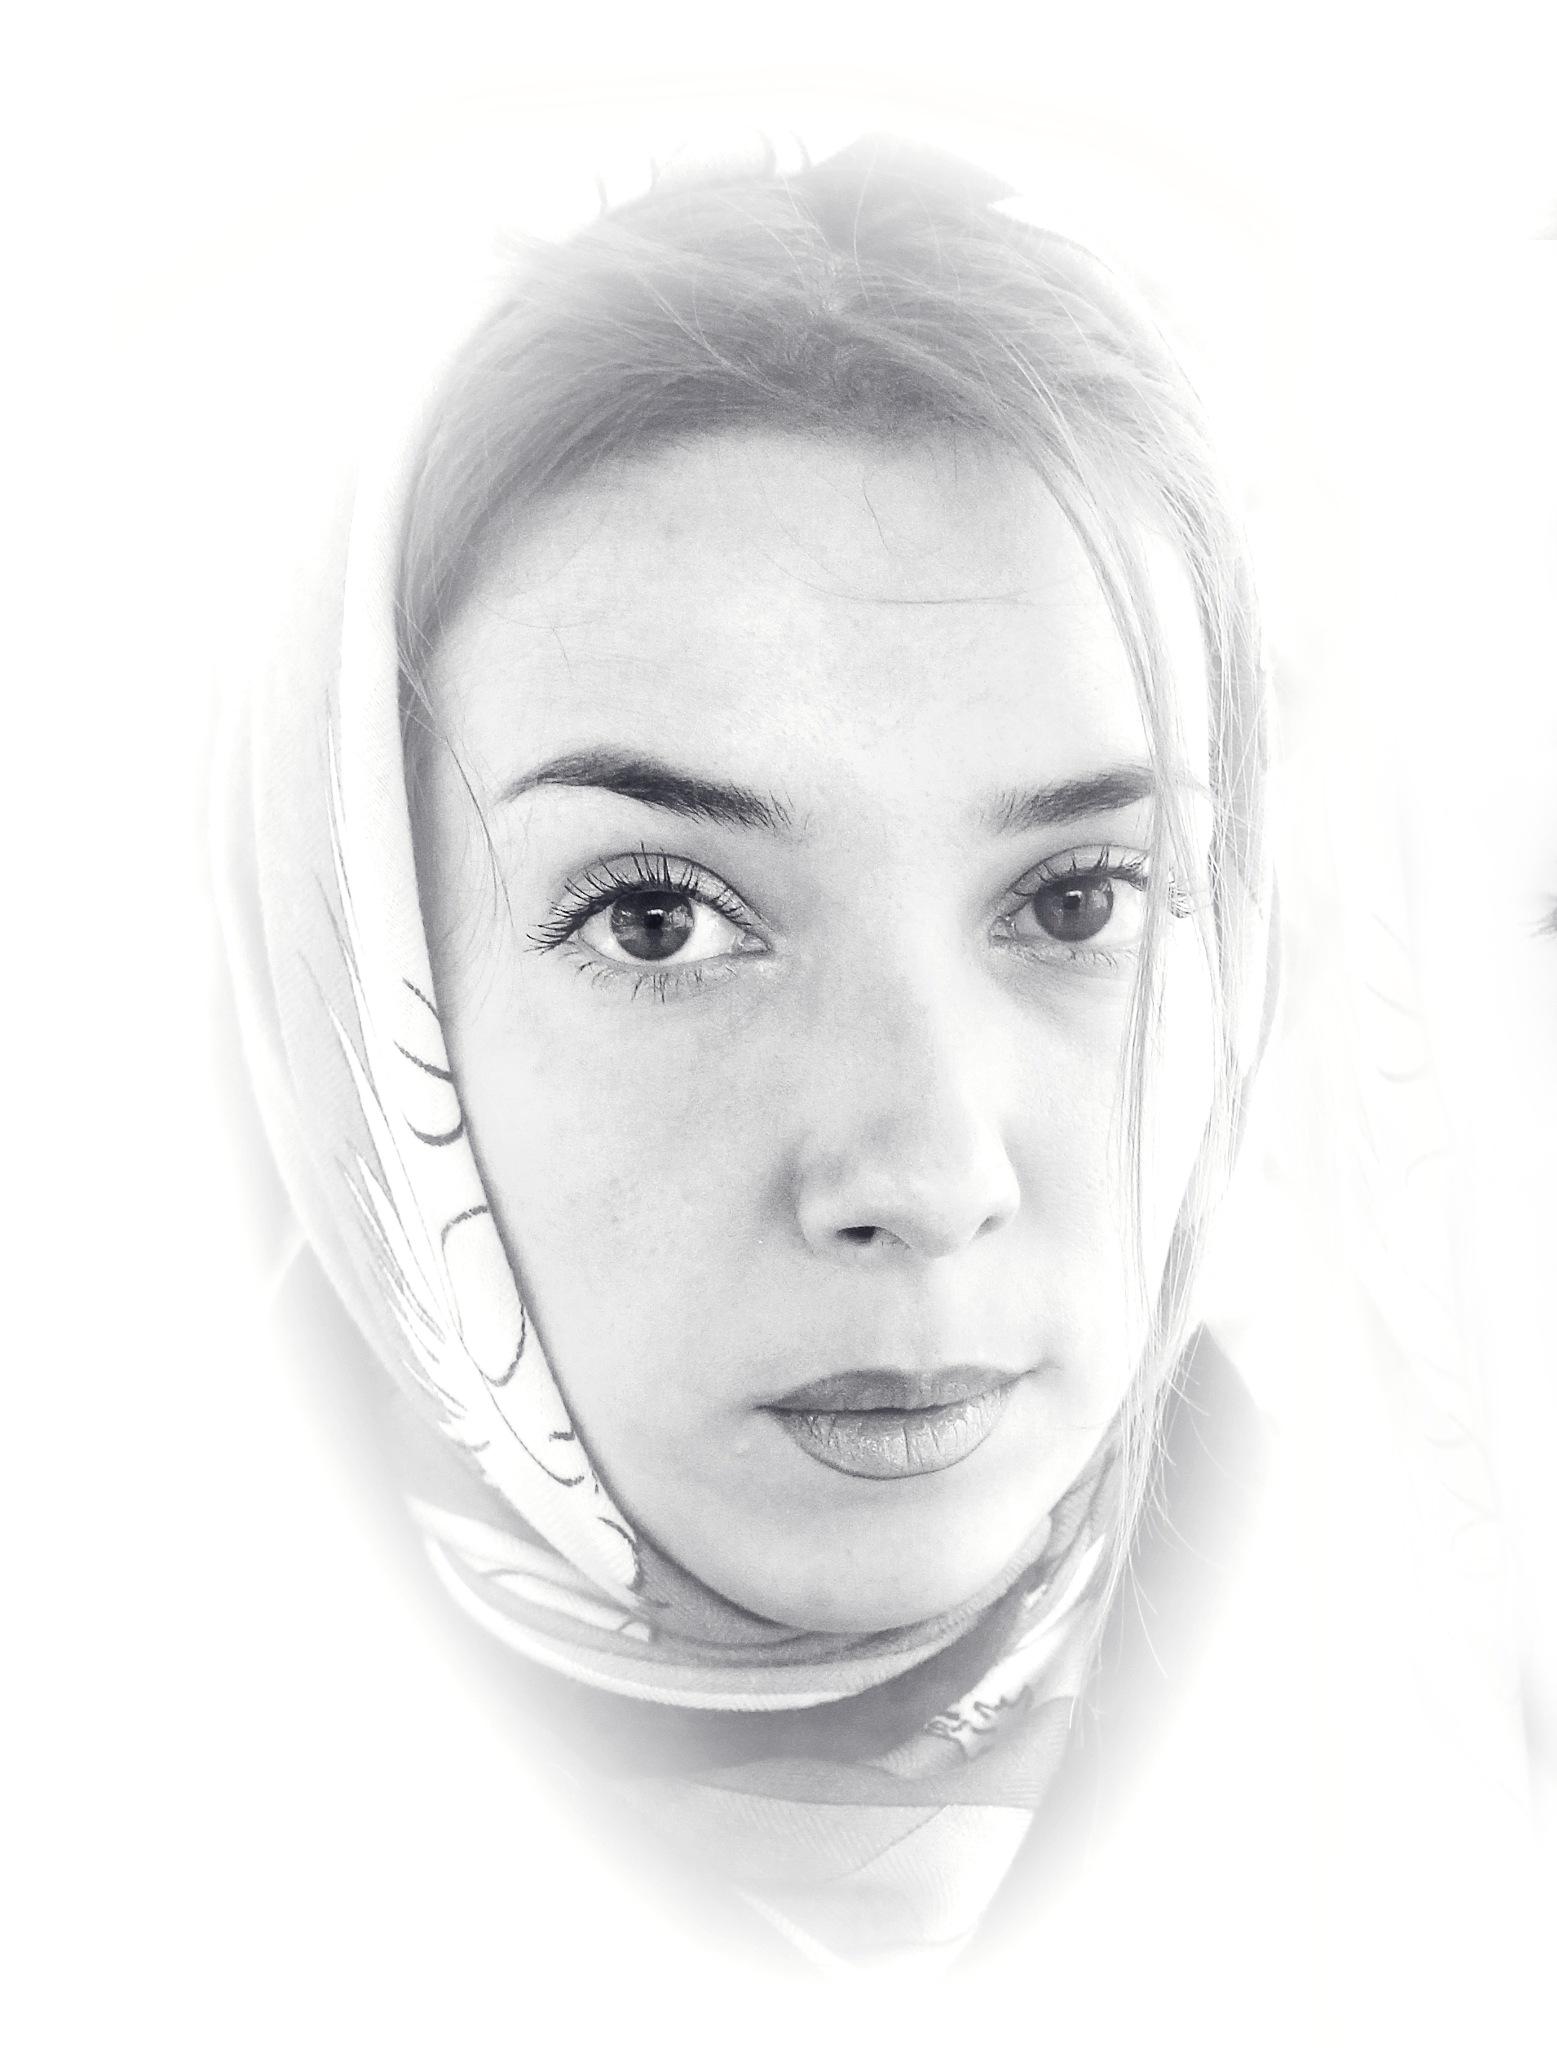 Olga by Сергей Юрьев